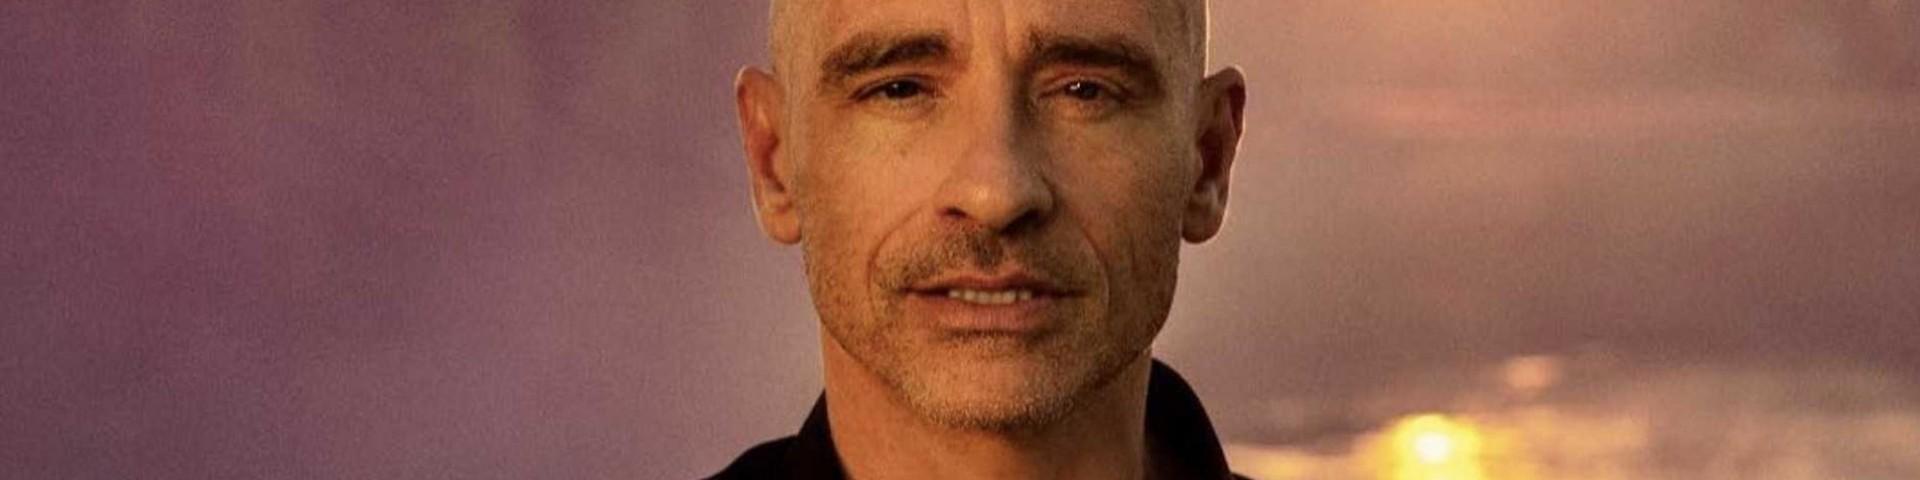 Eros Ramazzotti operato alle corde vocali e tour rinviato: ecco come sta